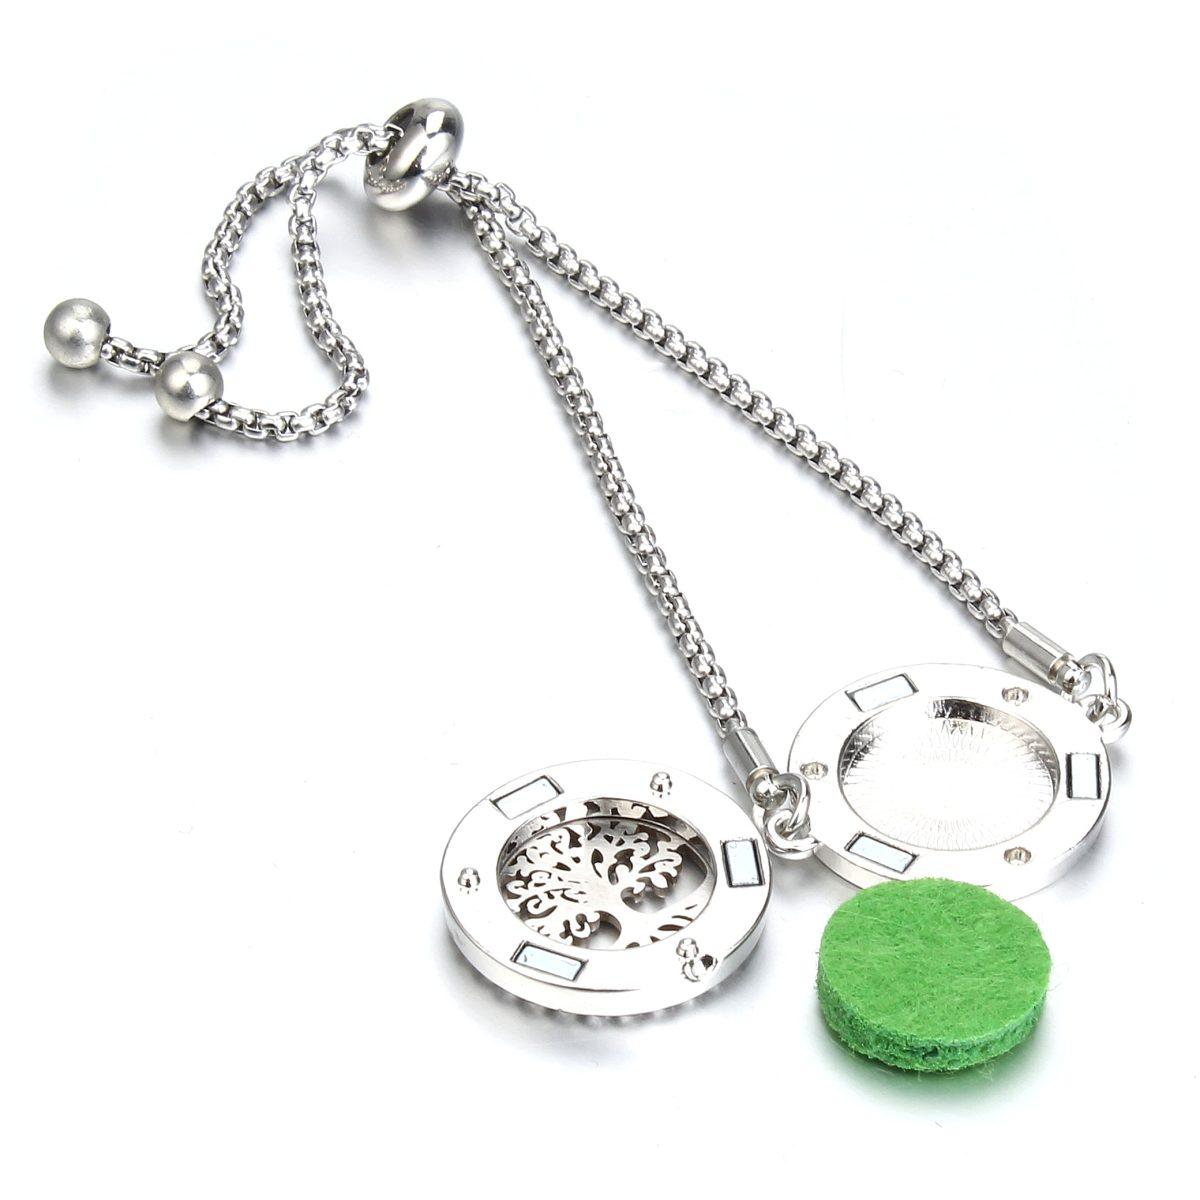 Раскрытый ароматический браслет